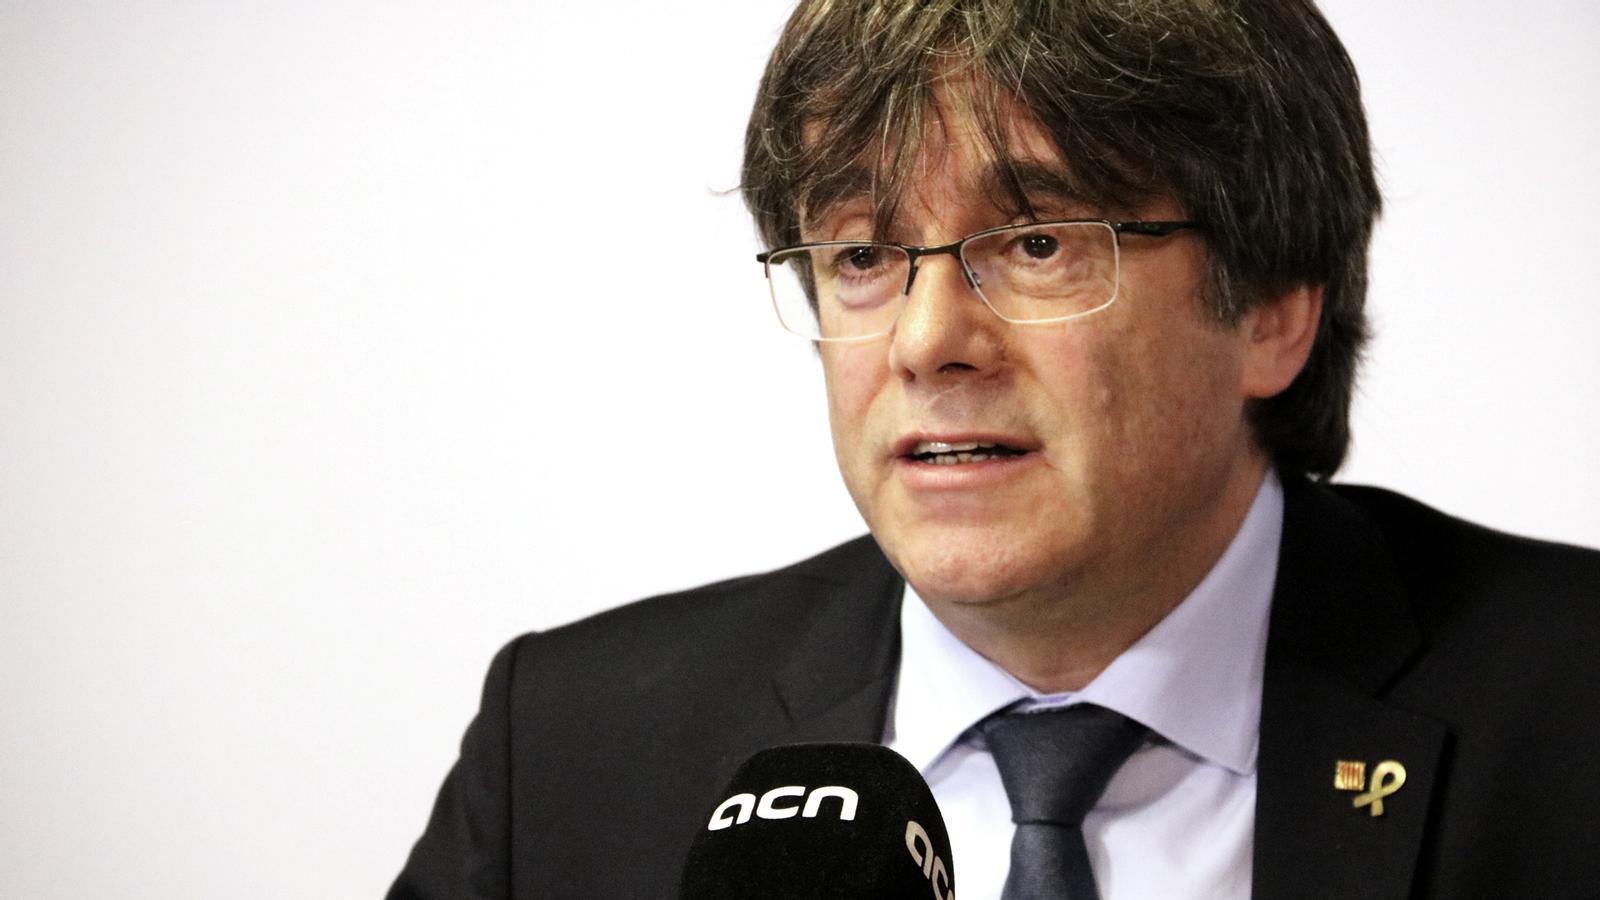 L'anàlisi d'Antoni Bassas: 'Puigdemont dona pas a nous lideratges'